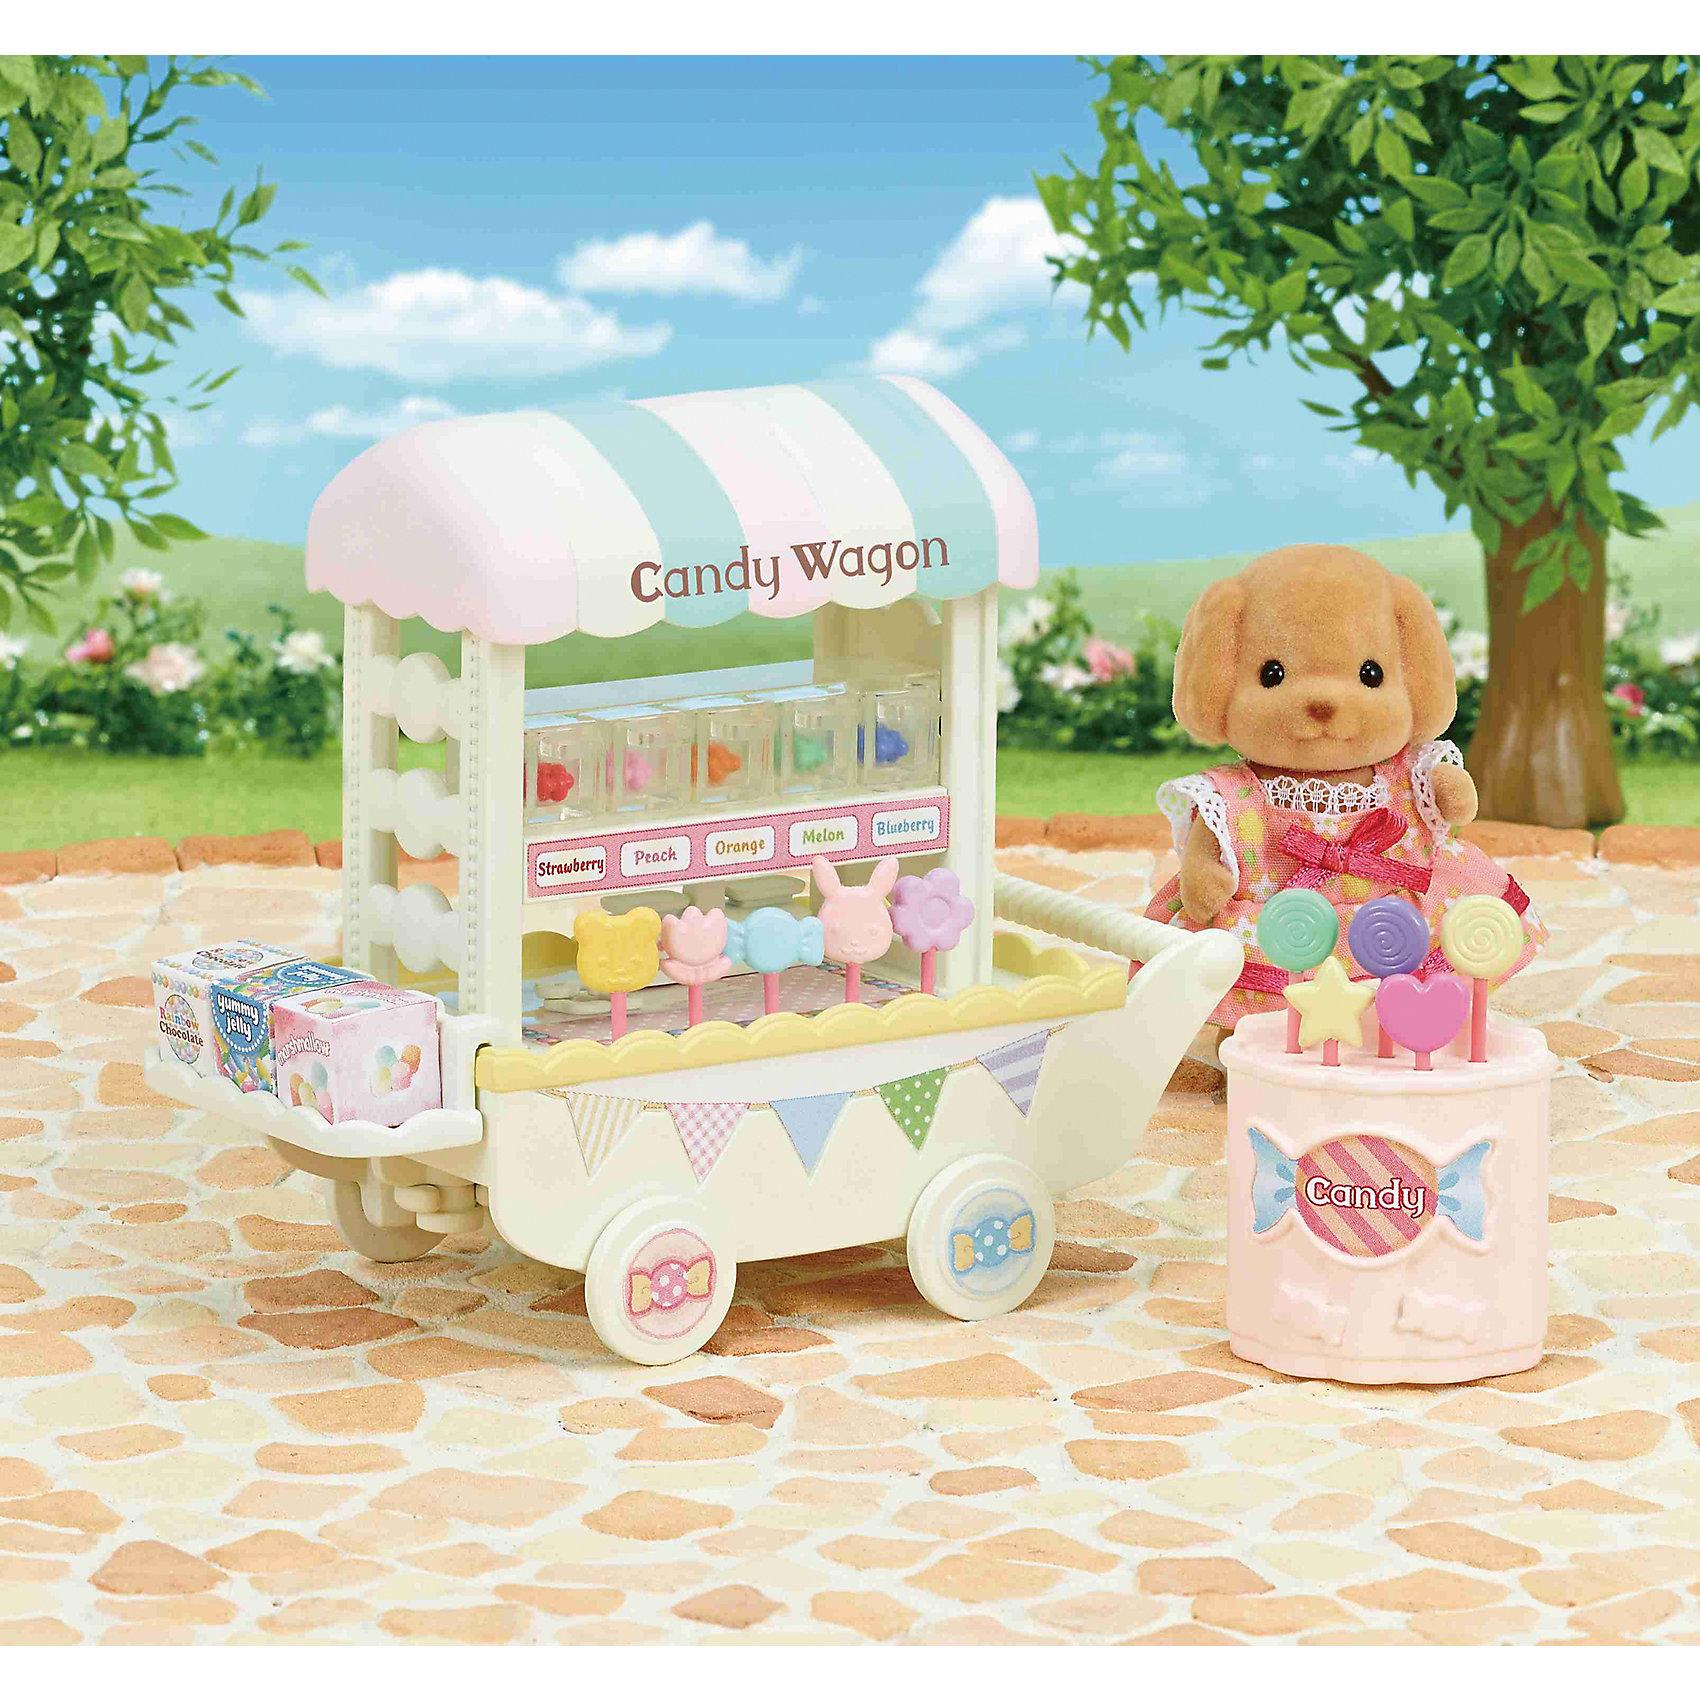 Набор Тележка со сладостями, Sylvanian FamiliesSylvanian Families<br>Набор Тележка со сладостями, Sylvanian Families.<br><br>Характеристики:<br><br>• Для детей от 4<br>• В наборе: тележка, леденцы 10 шт, мармелад 5 шт, весы, витрина, 3 коробки со сладостями (желе, шоколад, зефир), съемная полка, аксессуары<br>• Количество предметов: 25<br>• Материал: пластик<br>• Размер упаковки: 12,3х13х7,5 см.<br><br>Набор Тележка со сладостями, Sylvanian Families привлечет внимание вашей девочки и не позволит ей скучать. Набор включает в себя передвижную тележку с тентом на вращающихся колесах, сладости на любой вкус, которые можно красиво расположить на витрине или съемной полке и множество аксессуаров. Все предметы в наборе выглядят очень реалистично. Ваша малышка будет часами играть с тележкой, придумывая различные истории. Набор изготовлен из высококачественных гипоаллергенных материалов.<br><br>Sylvanian Families - это целый мир маленьких жителей, объединенных общей легендой. Жители страны Sylvanian Families - это кролики, белки, медведи, лисы и многие другие. У каждого из них есть дом, в котором есть все необходимое для счастливой жизни. <br><br>В городе, где живут герои, есть школа, больница, рынок, пекарня, детский сад и множество других полезных объектов. Жители этой страны живут семьями, в каждой из которой есть дети. В домах Sylvanian Families царит уют и гармония. Здесь продумана каждая мелочь, от одежды до мебели и аксессуаров.<br><br>Набор Тележка со сладостями, Sylvanian Families можно купить в нашем интернет-магазине.<br><br>Ширина мм: 123<br>Глубина мм: 75<br>Высота мм: 130<br>Вес г: 179<br>Возраст от месяцев: 48<br>Возраст до месяцев: 96<br>Пол: Женский<br>Возраст: Детский<br>SKU: 5479451